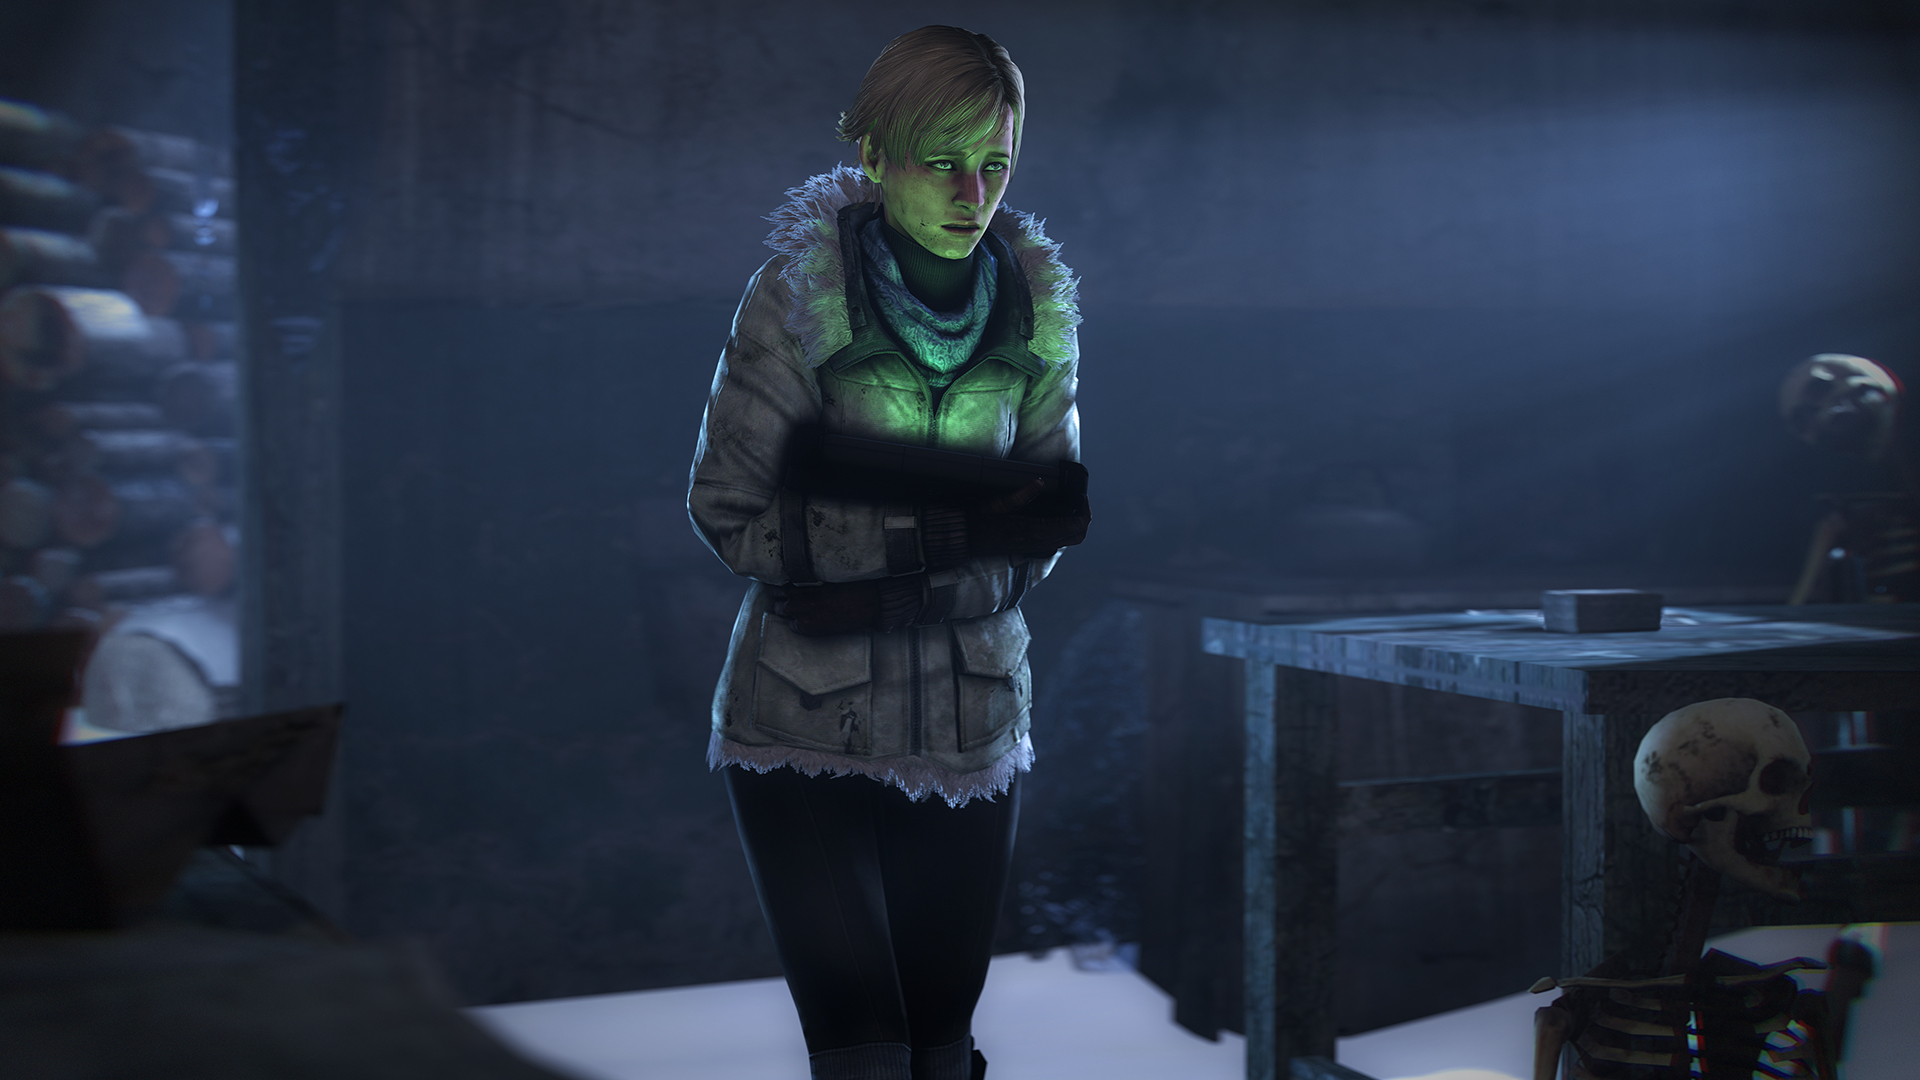 Steam Workshop Resident Evil 6 Sherry Birkin